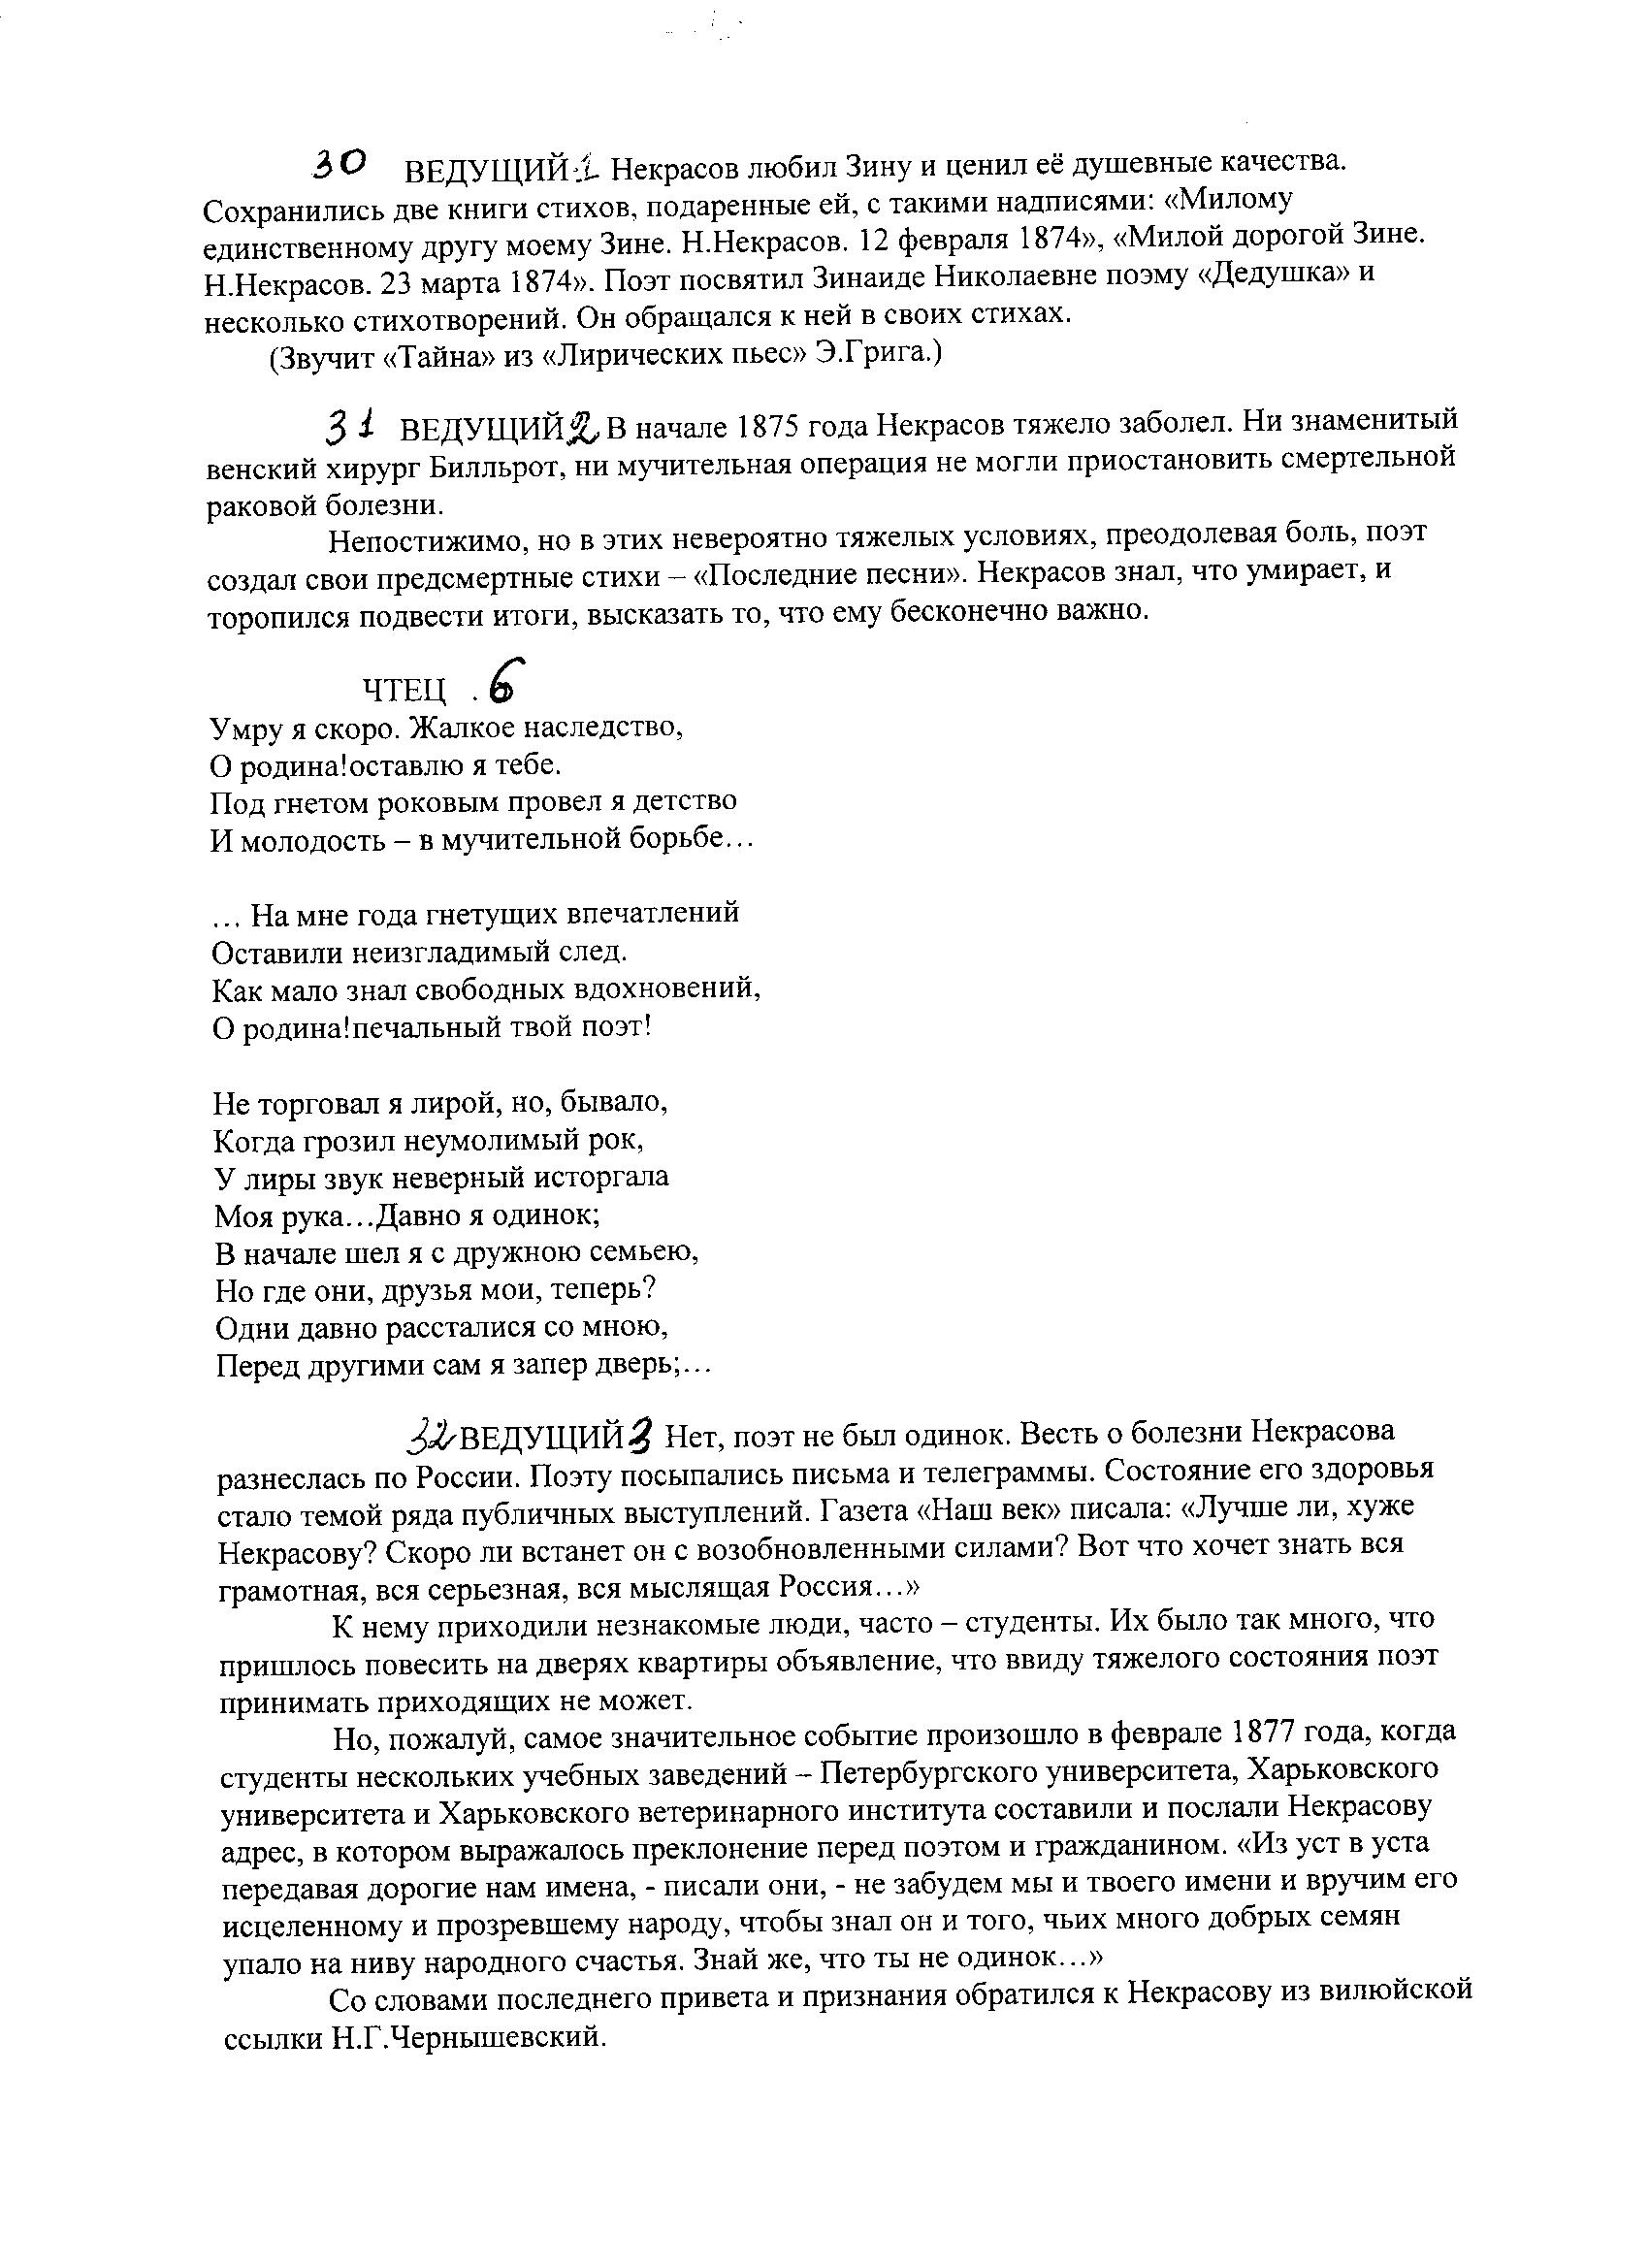 CF6D7548